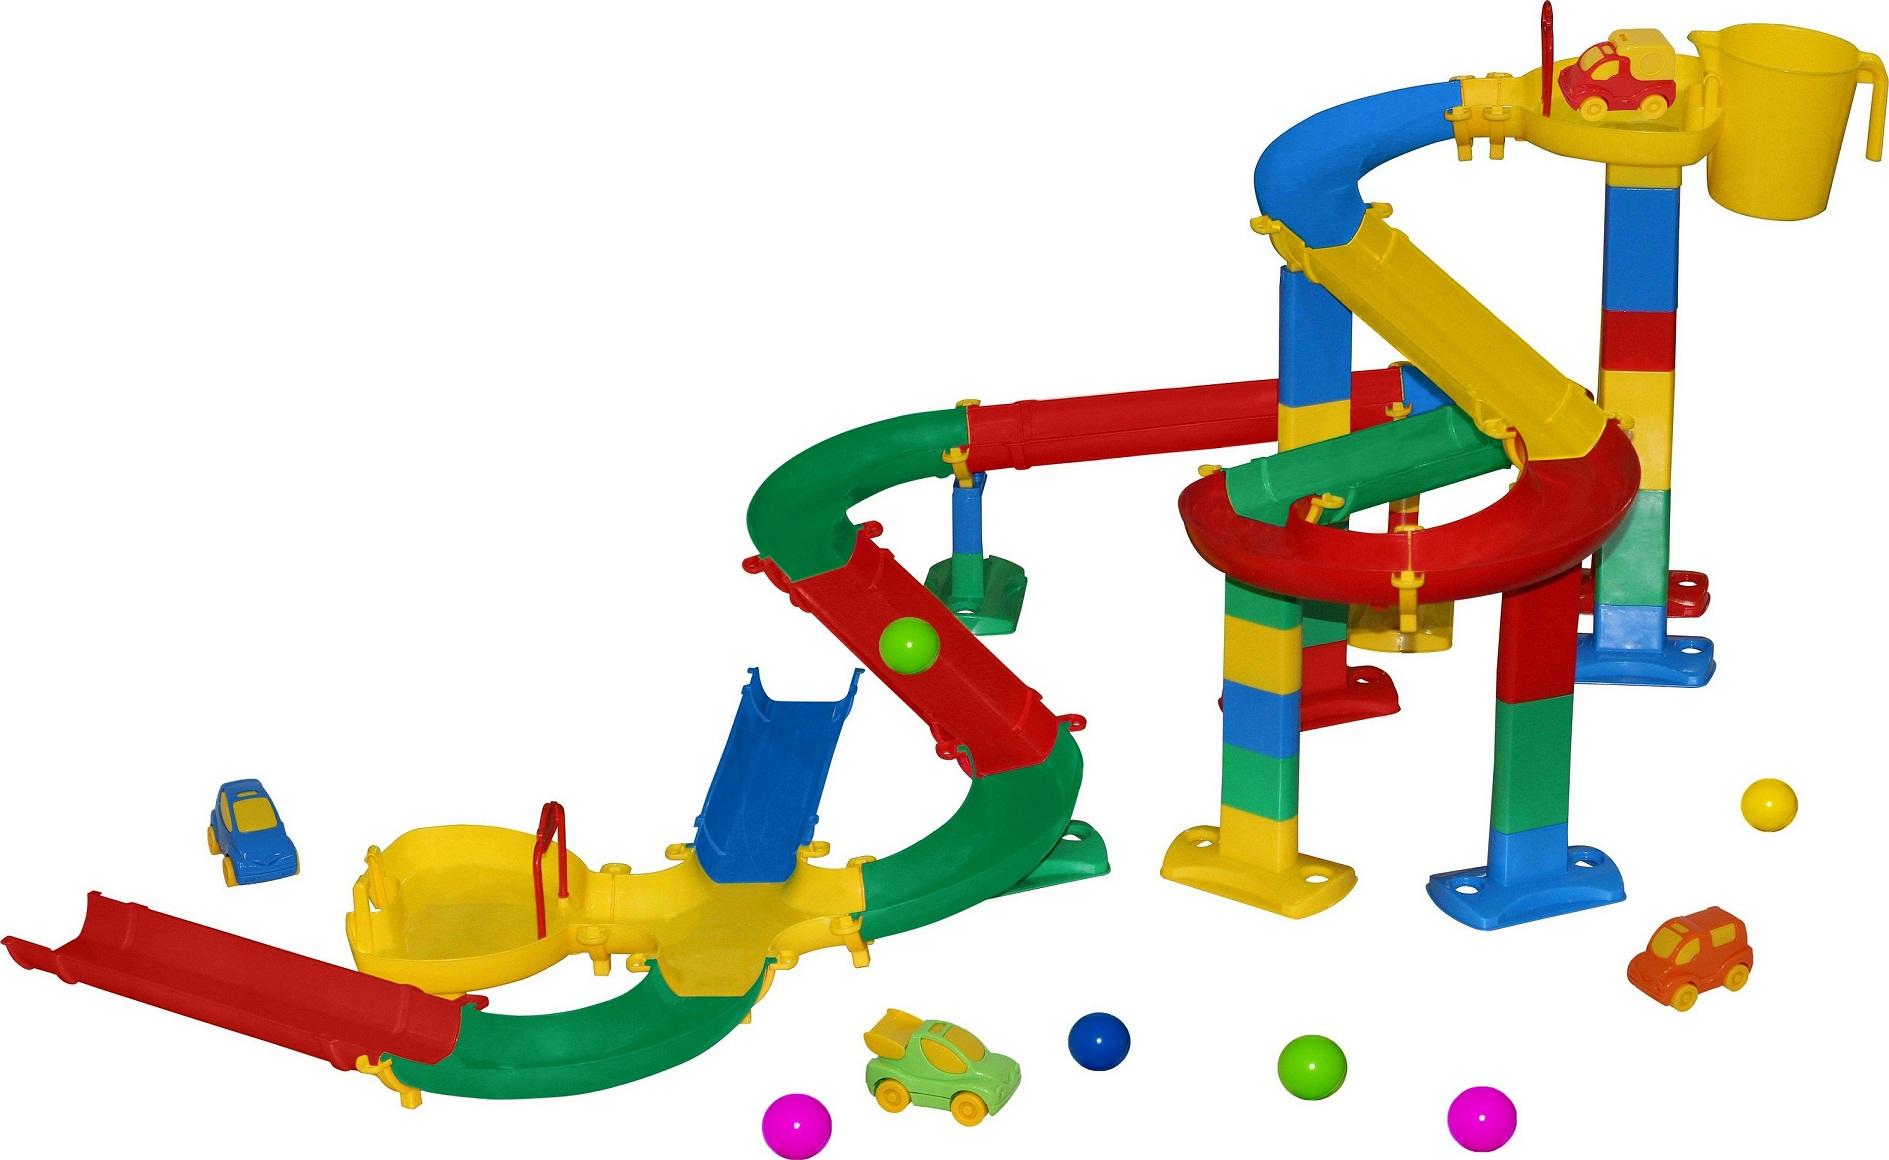 Горка для шариков, набор №2 в пакетеДетские развивающие игрушки Полесье<br>Горка для шариков, набор №2 в пакете<br>